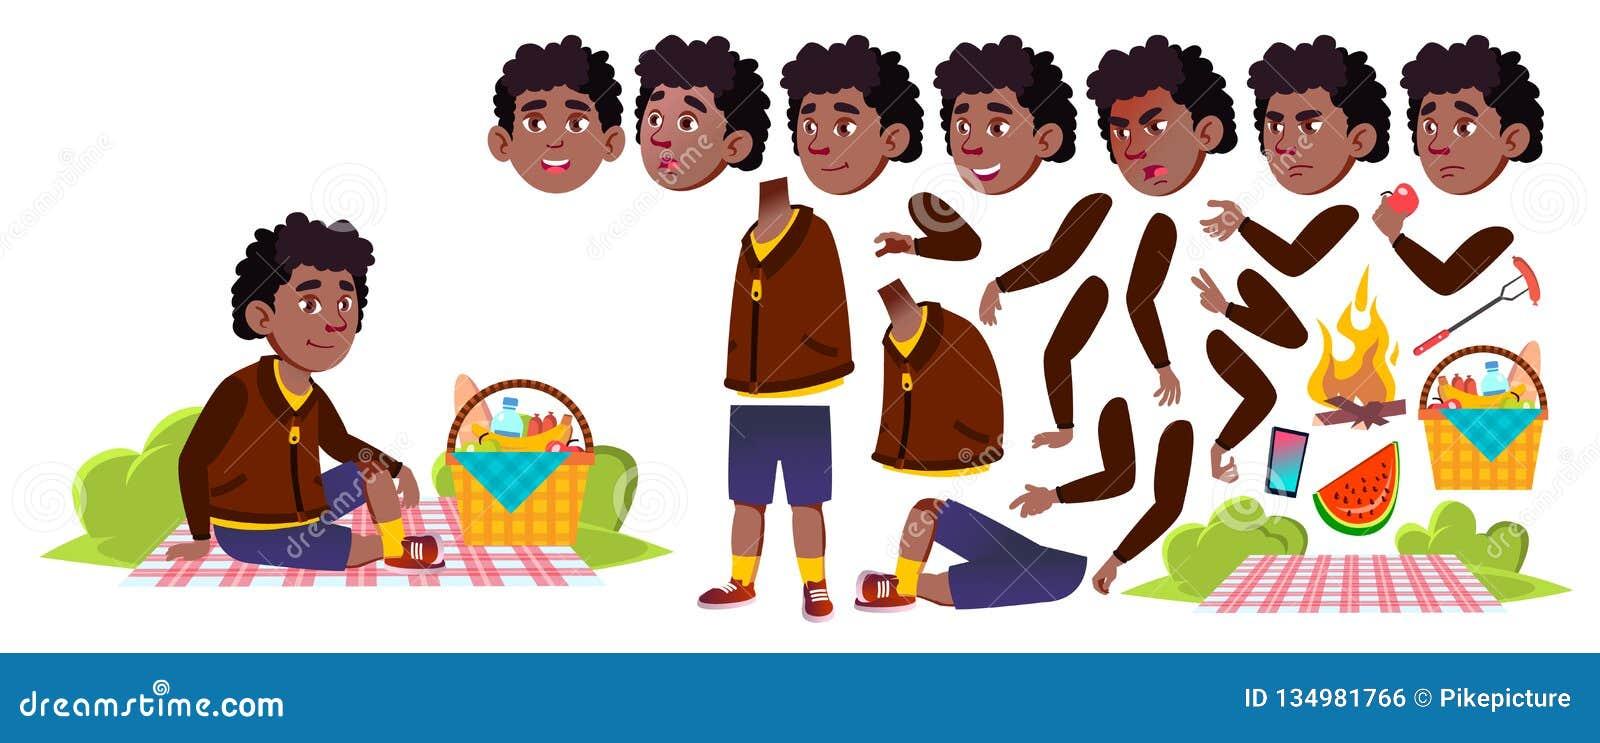 野餐传染媒介的男孩男小学生 投反对票 美国黑人 动画创作集合 研究 夏天高涨放松 为